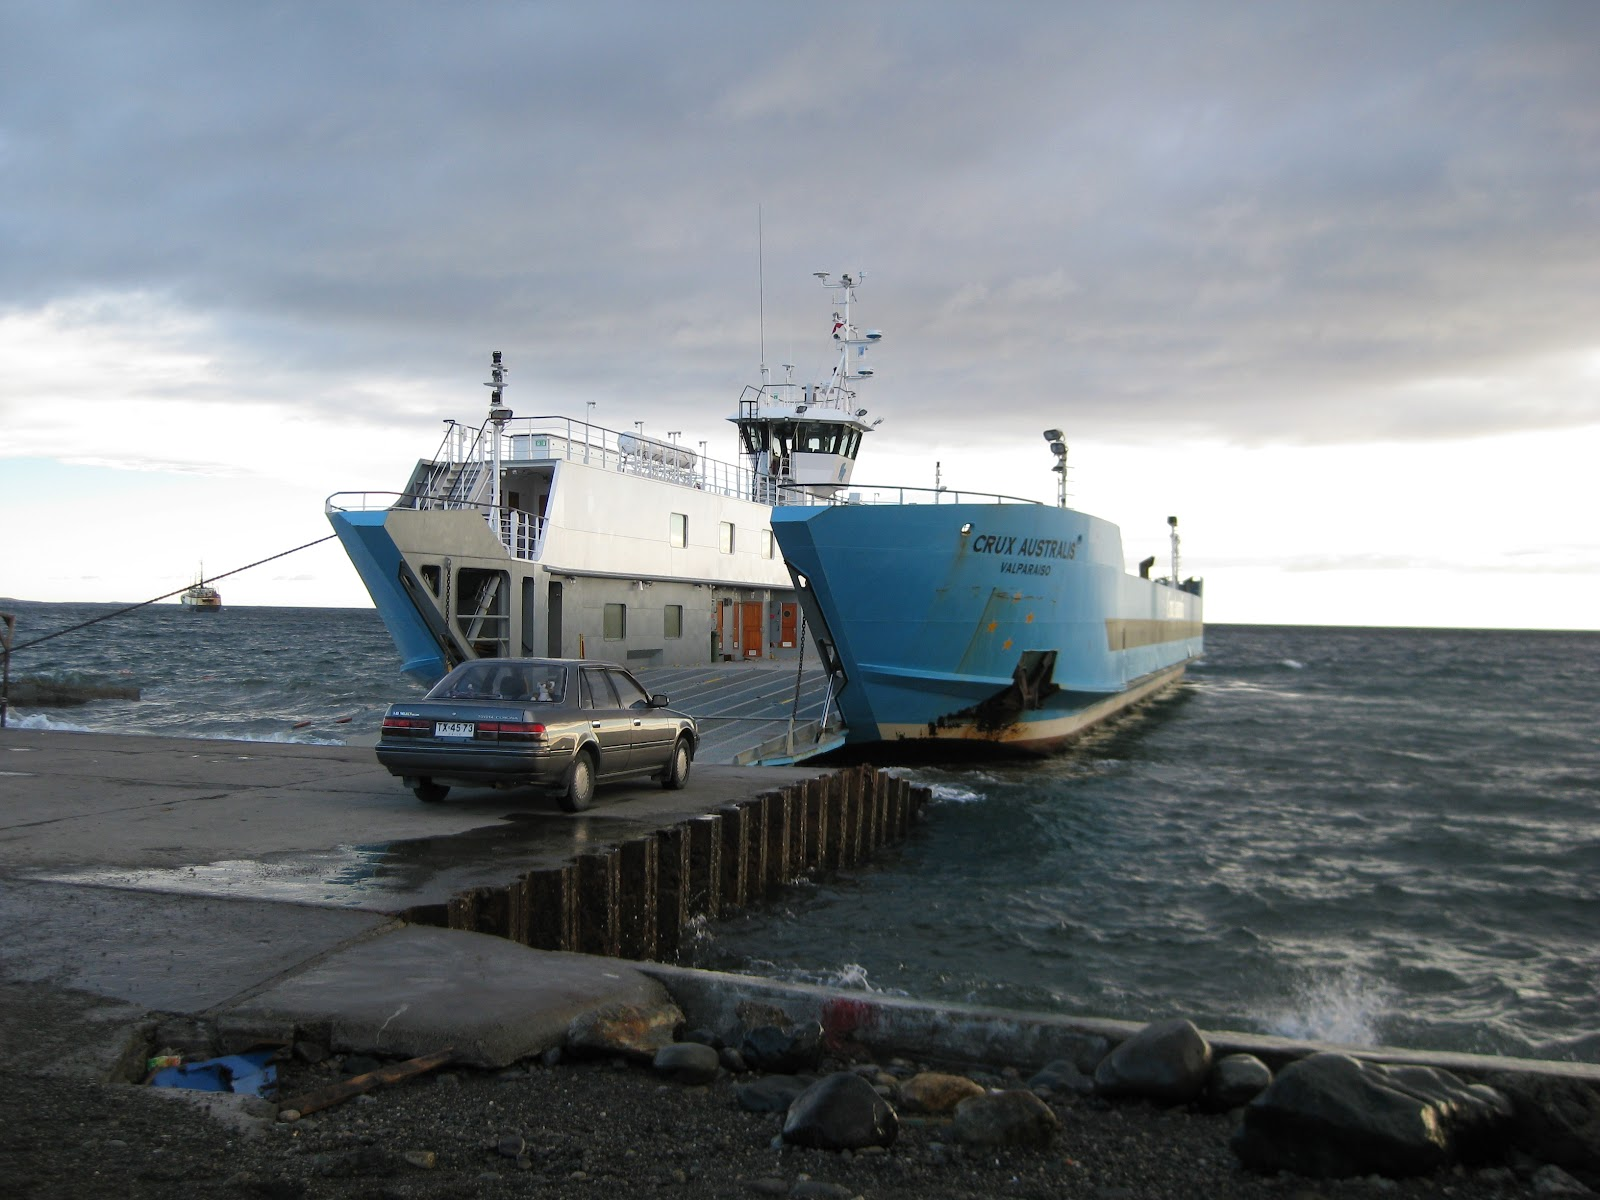 Punta Arenas to Porvenir ferry